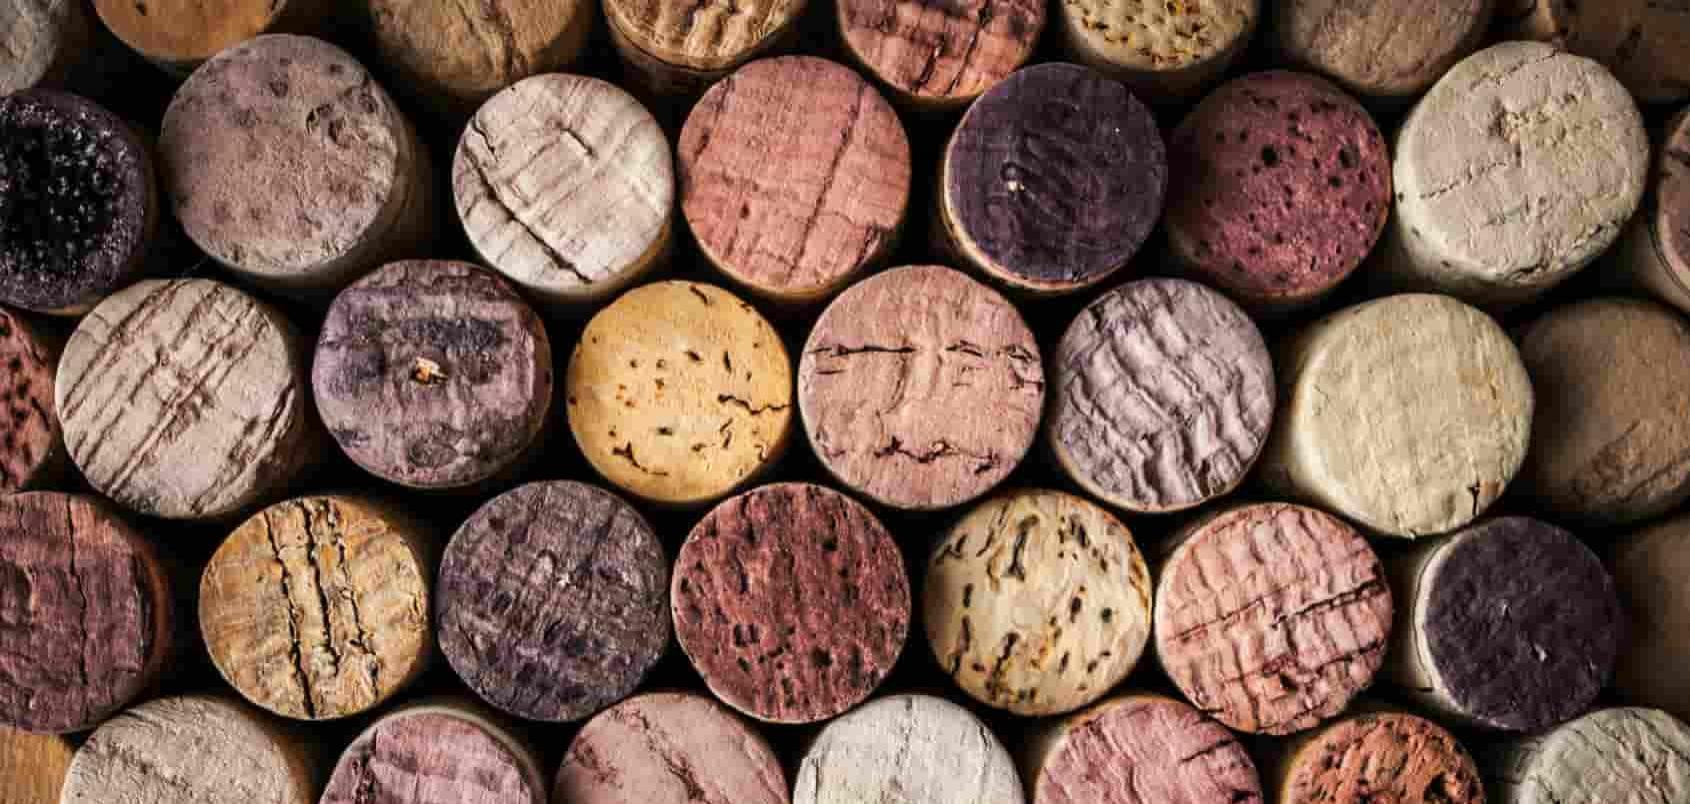 le parole chiave differenti con lo stesso intento di ricerca sono come tappi da vino diversi con la stessa efficacia